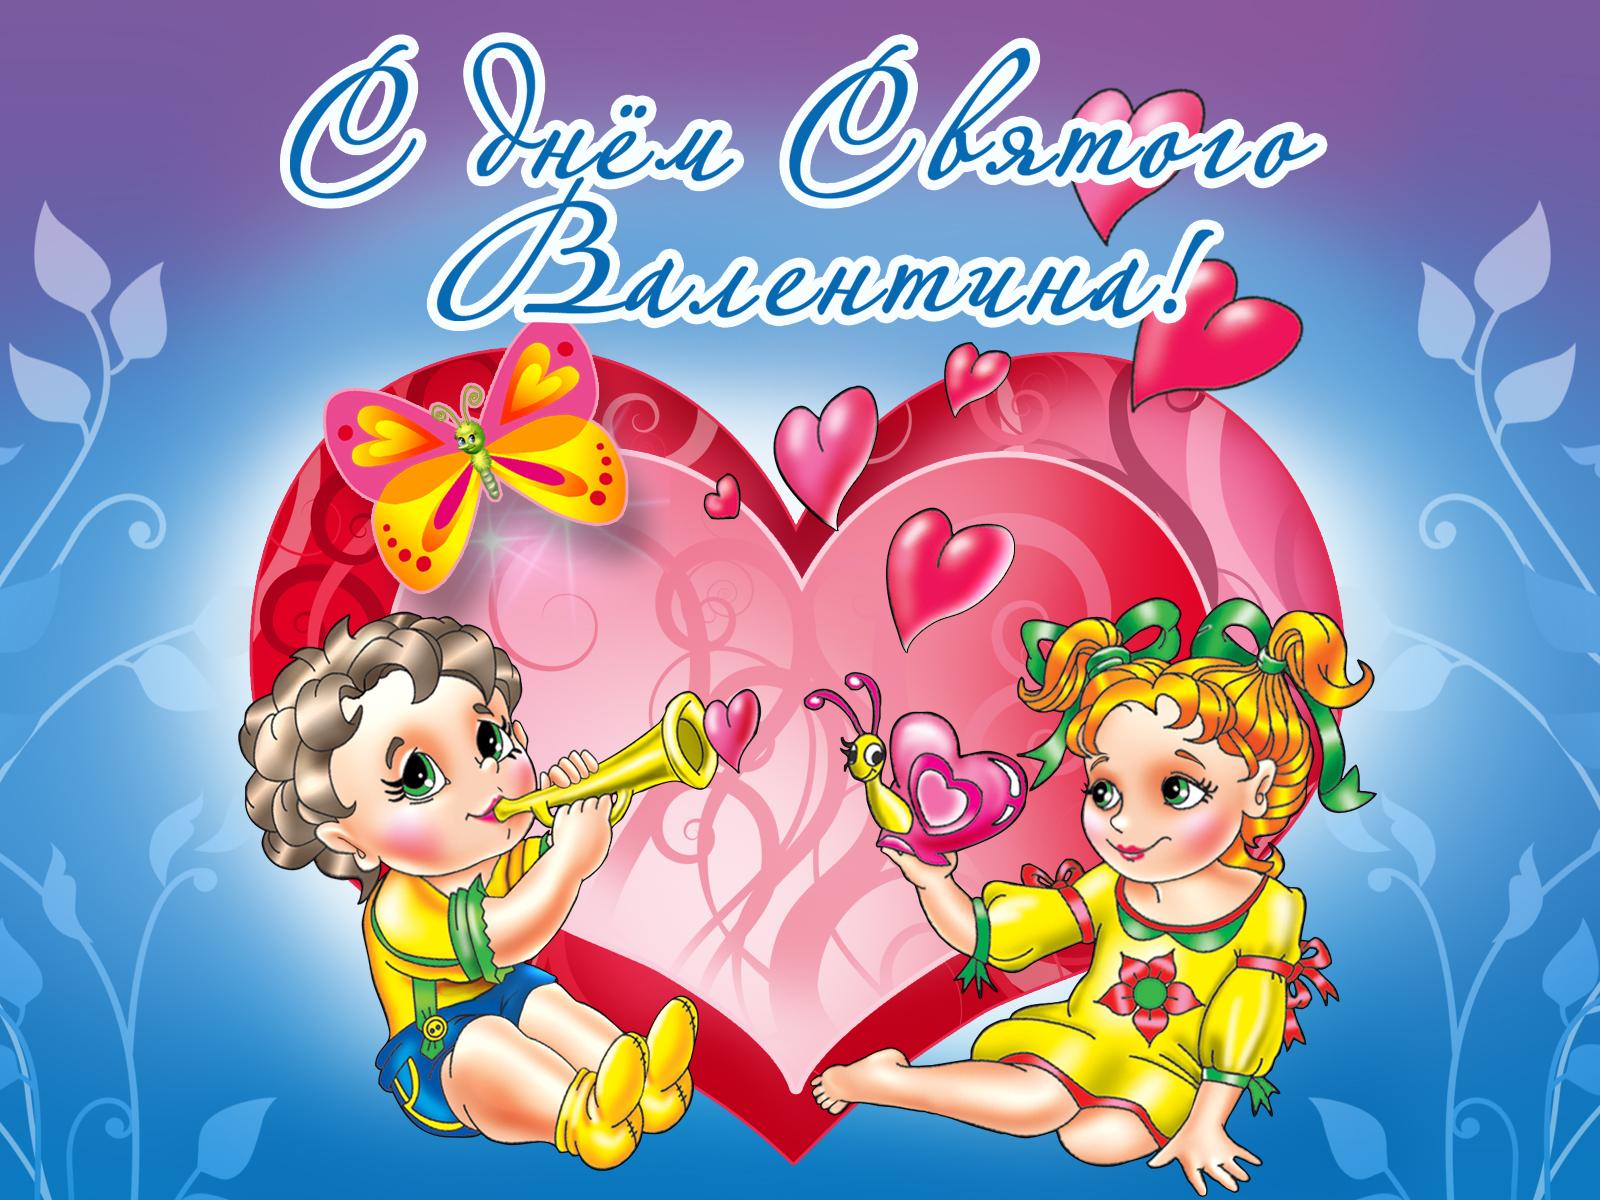 Посмотреть открытки с днем влюбленных